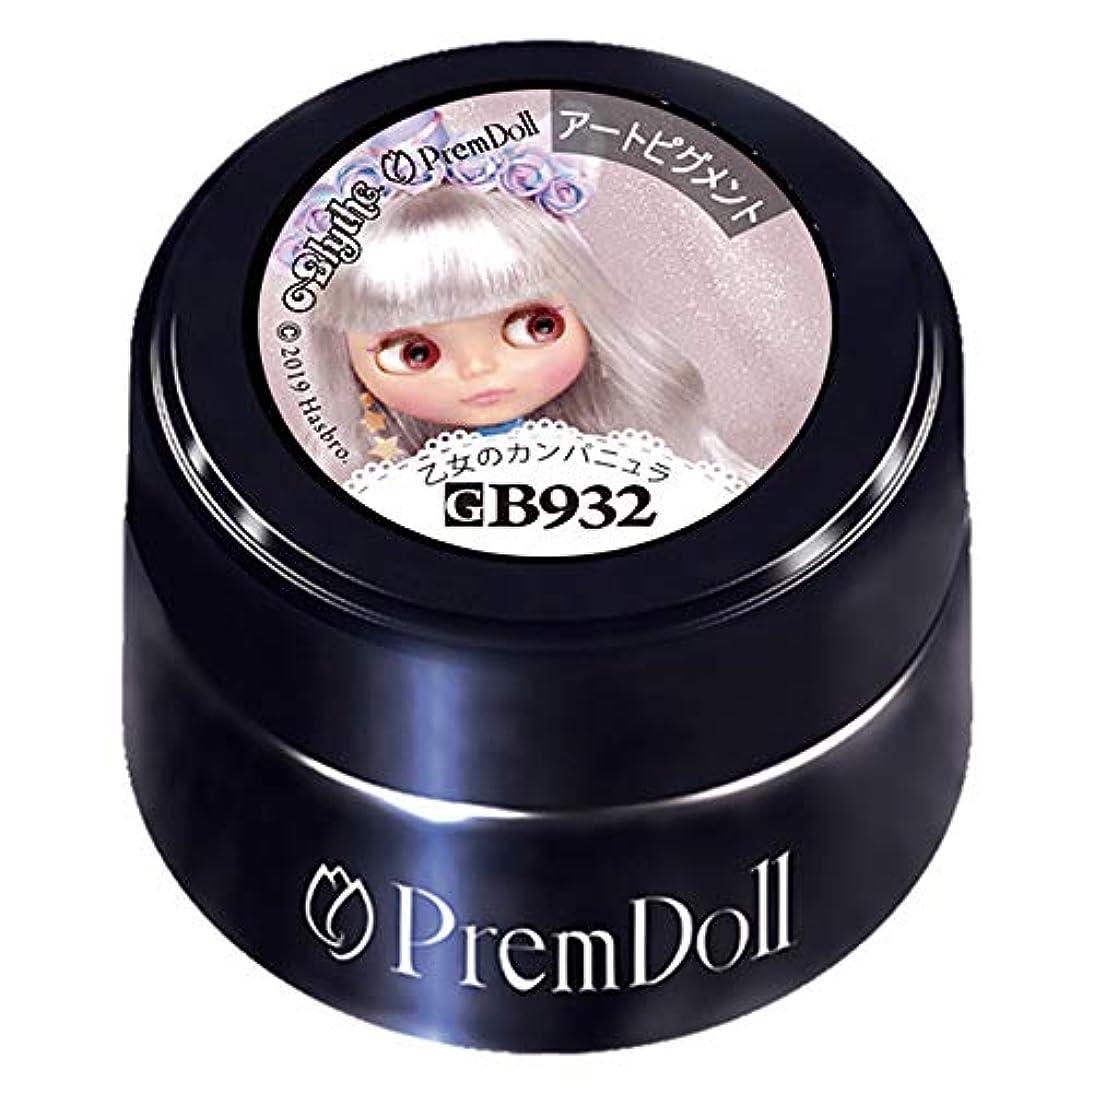 エコー知る立法PRE GEL プリムドール 乙女のカンパニュラ 3g DOLL-B932 カラージェル UV/LED対応